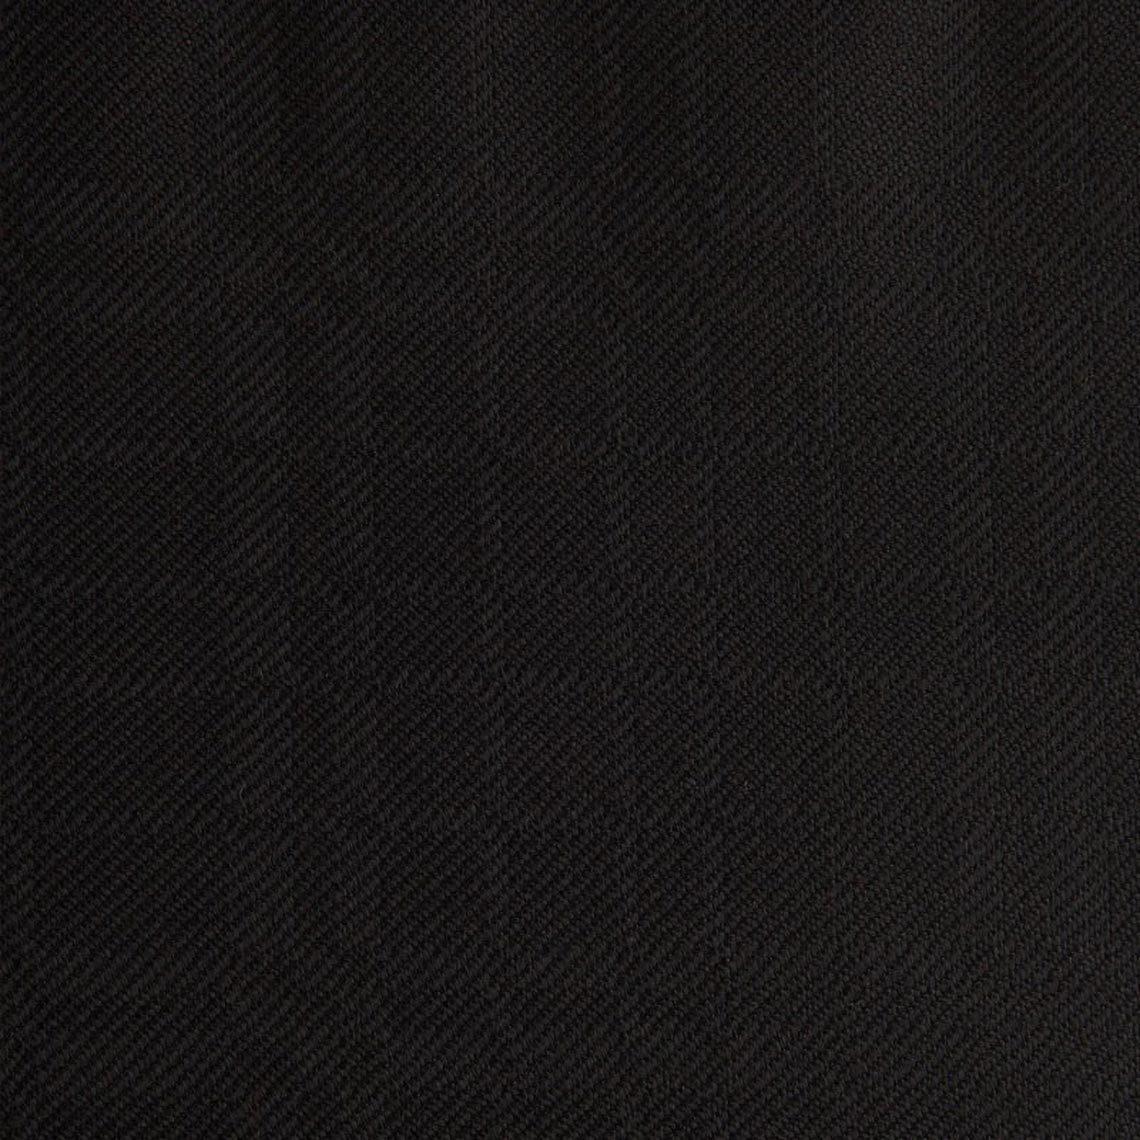 Black Shadow Kilt